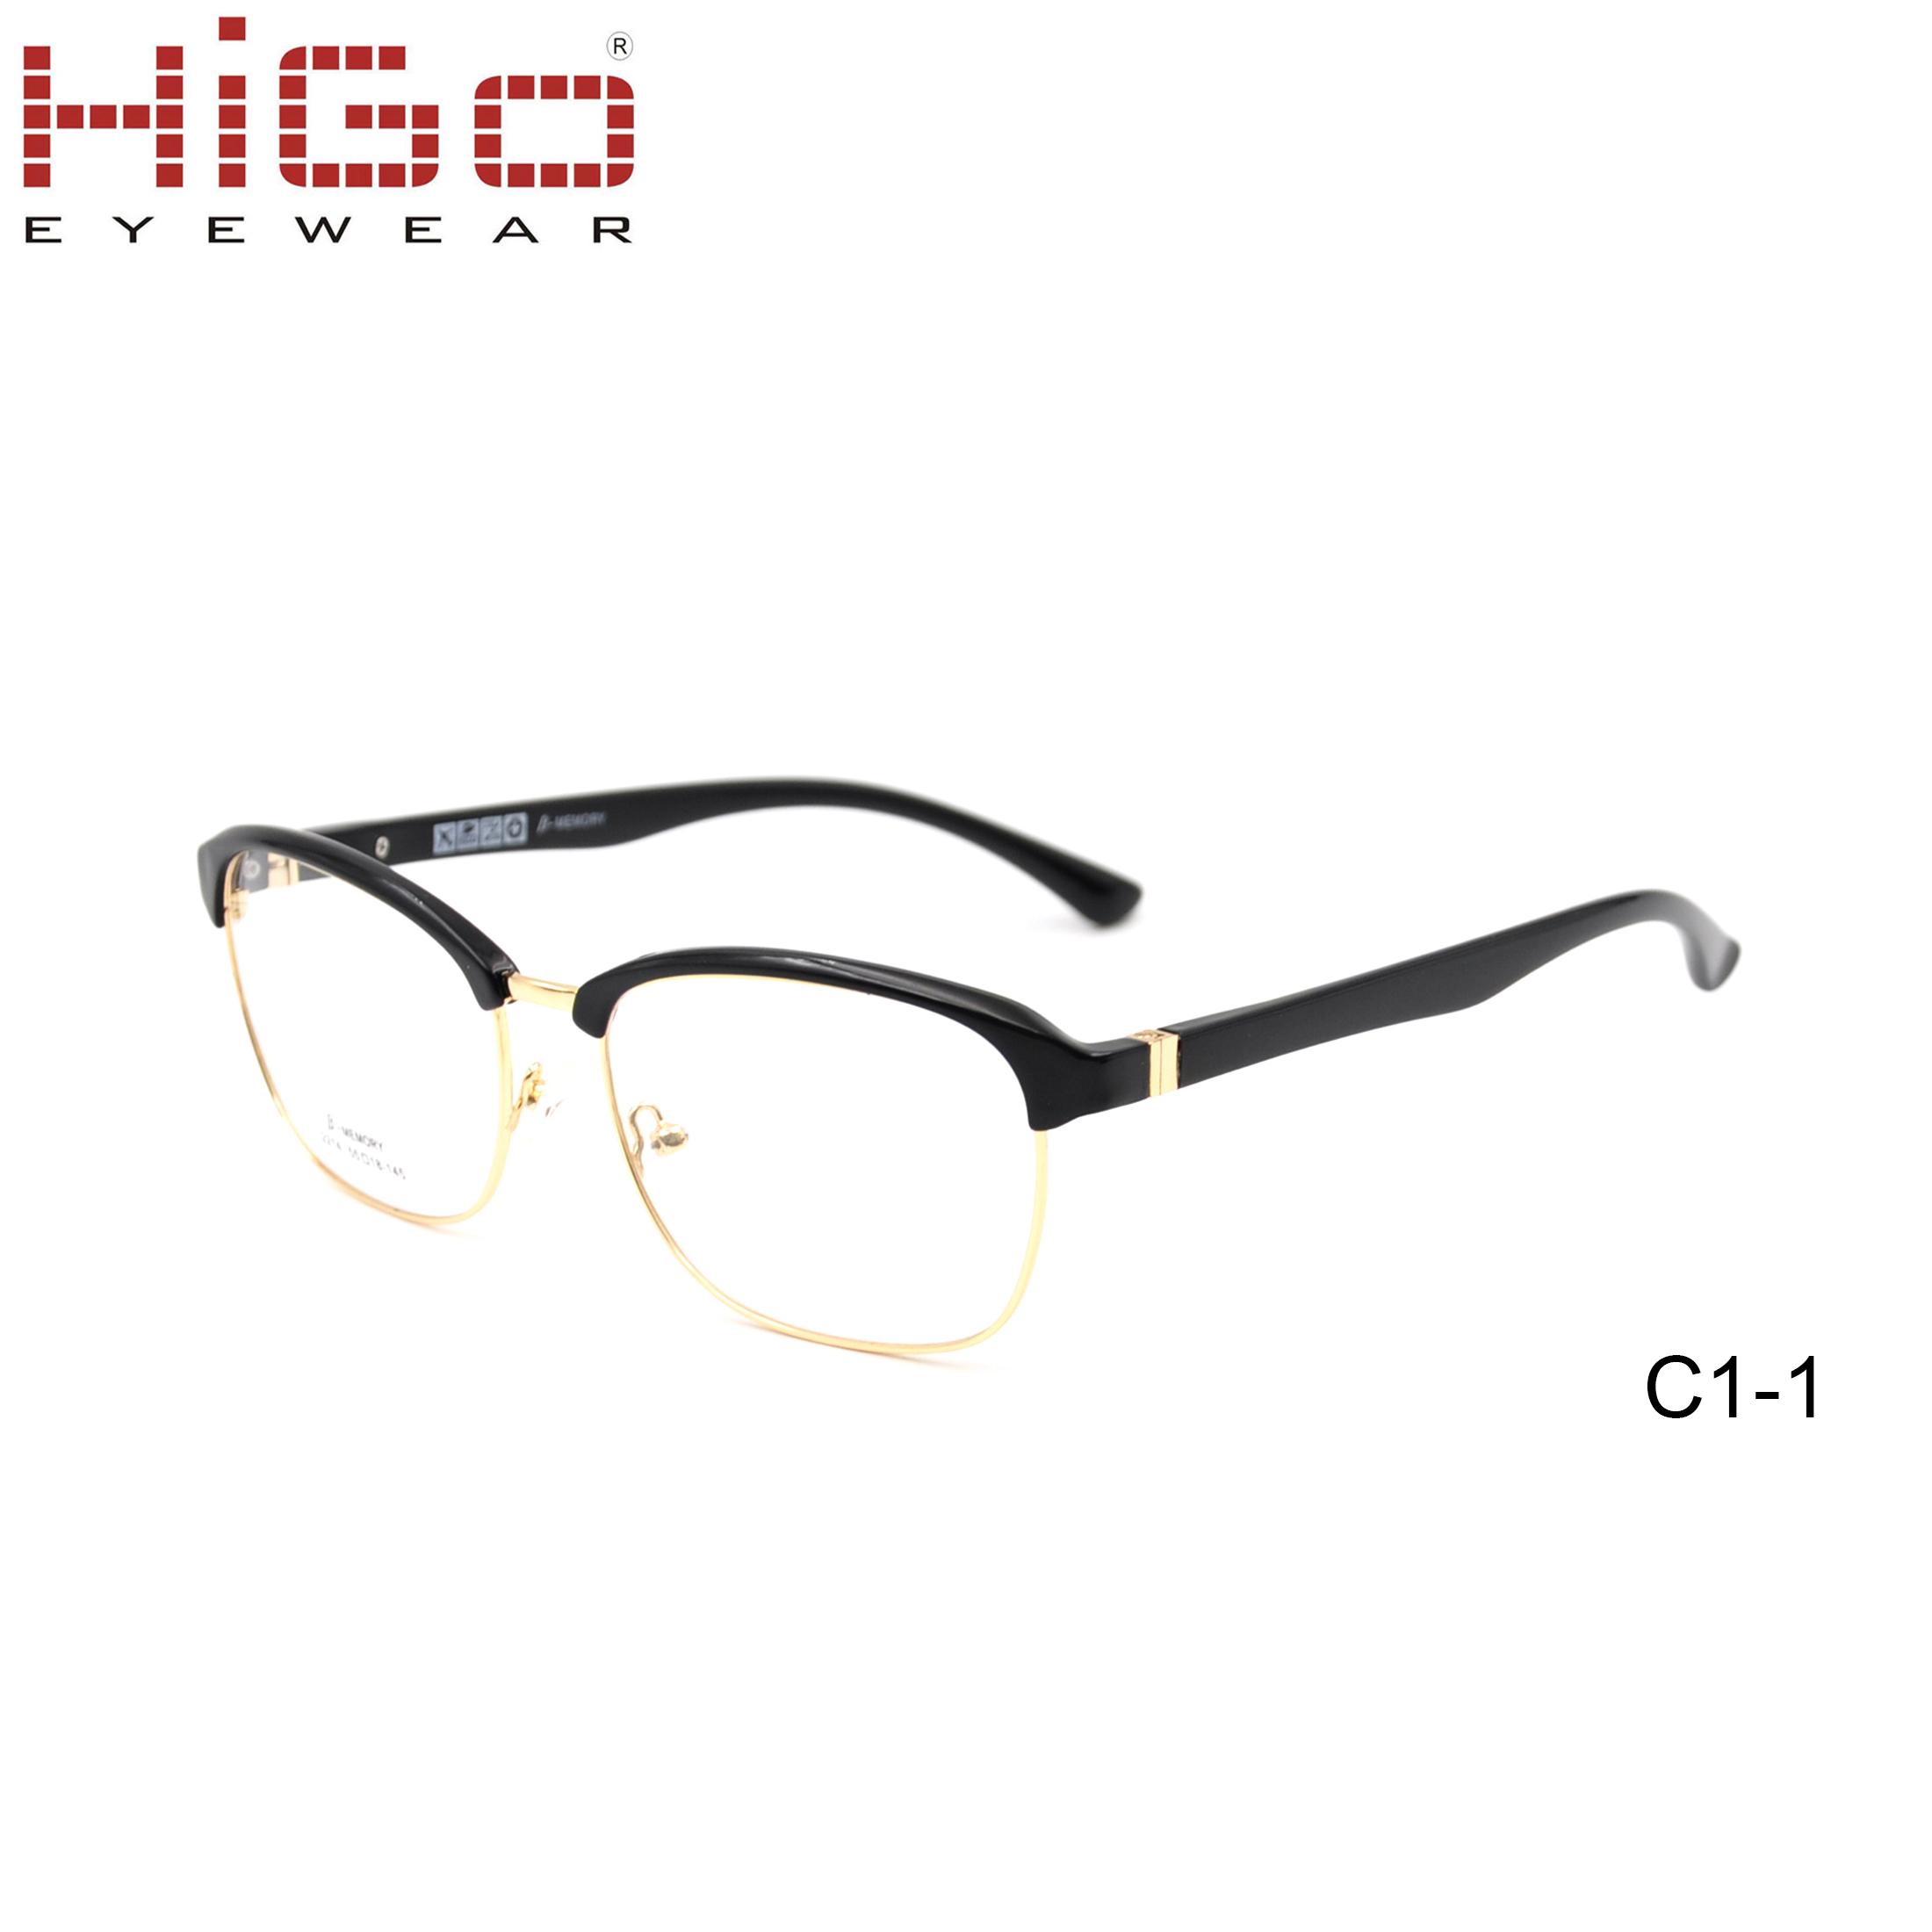 00d42f833 Ultraleve Óculos Quadrados Das Mulheres Dos Homens Da Moda por atacado de  Design Da Marca Italiana